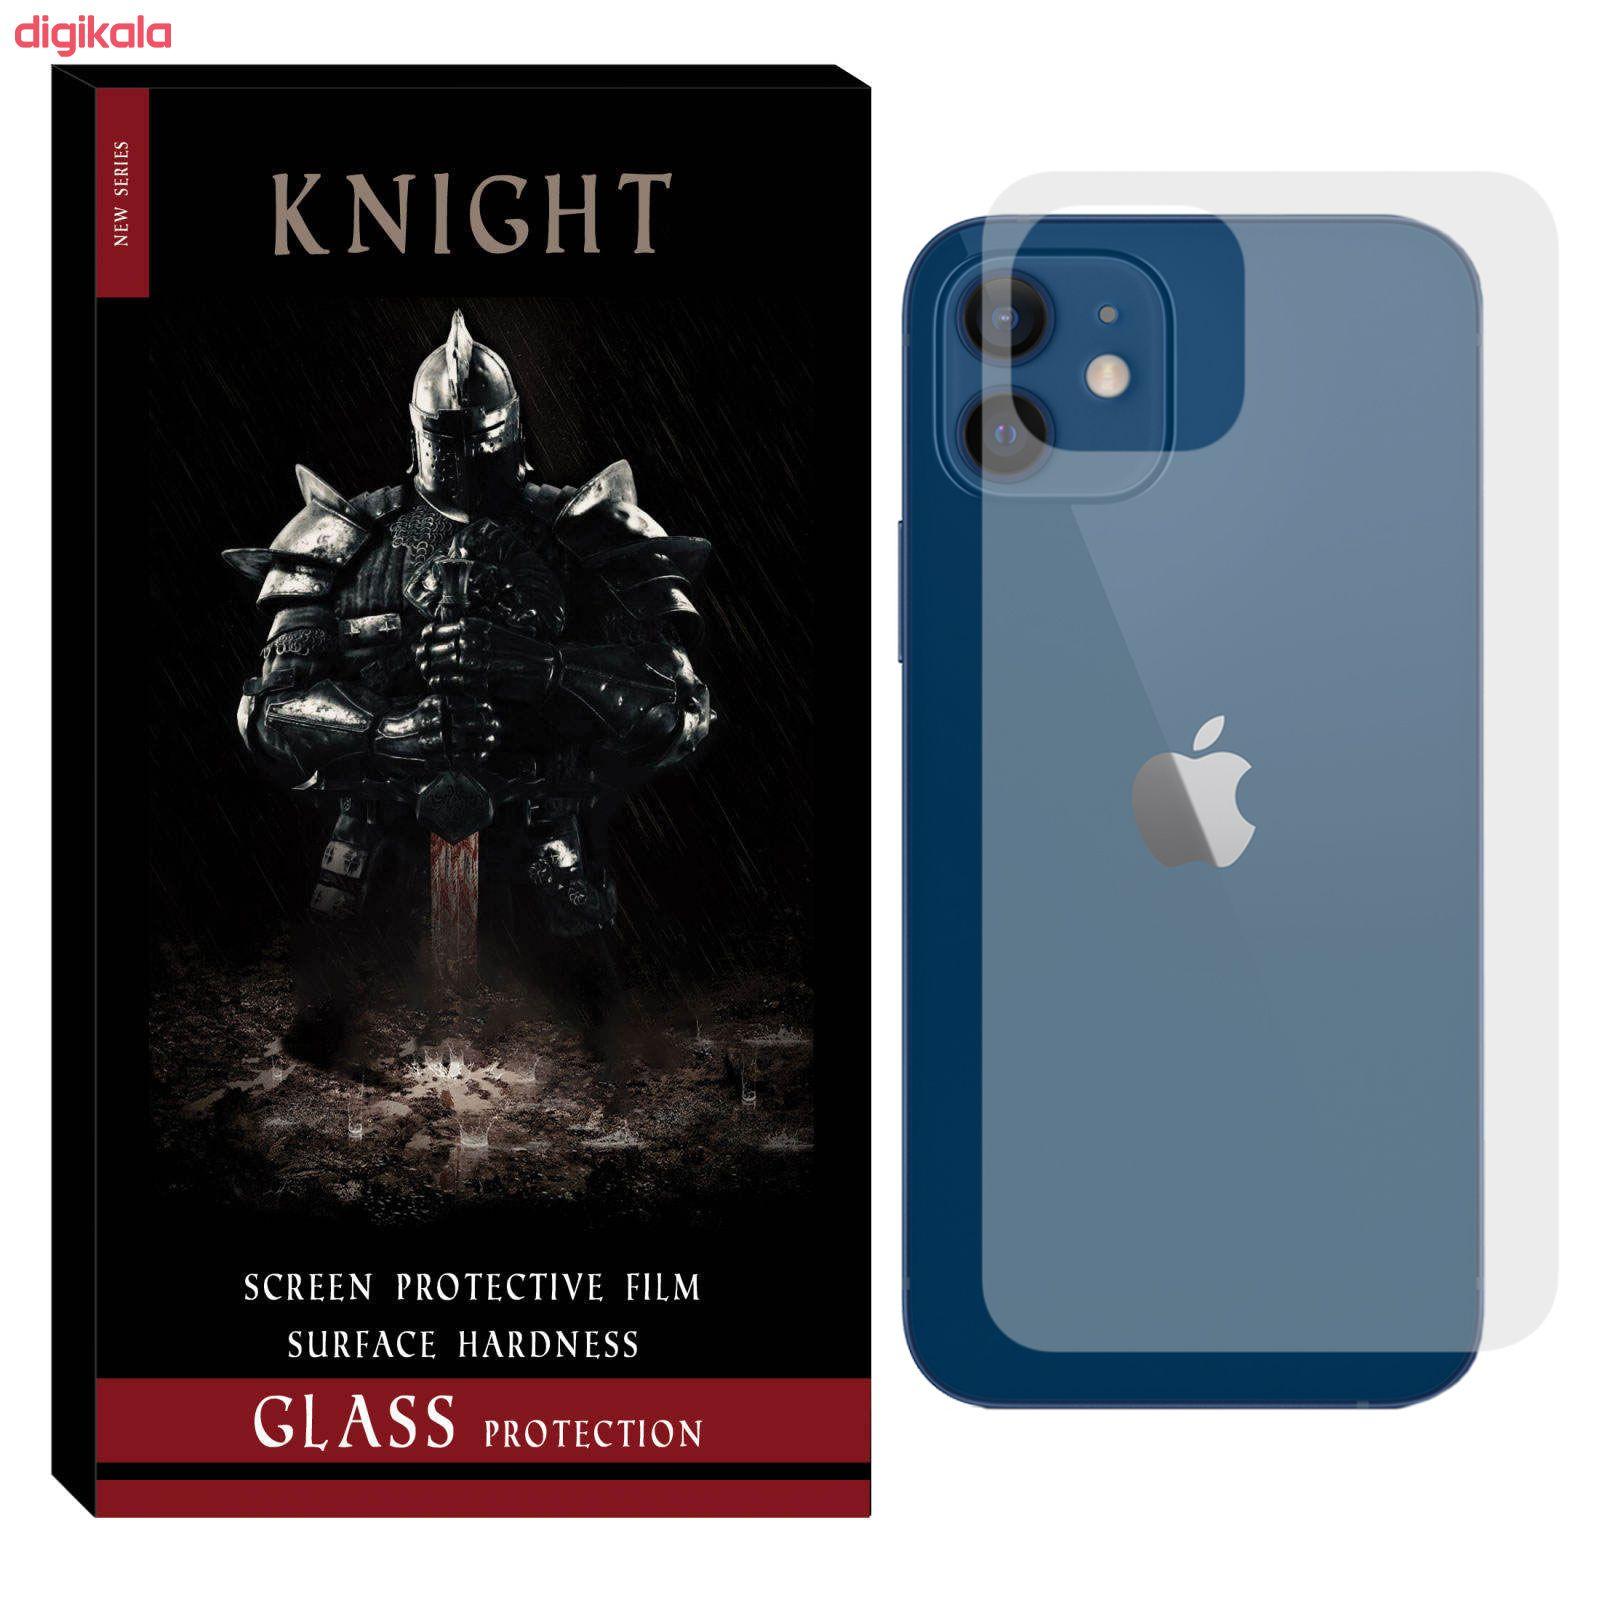 محافظ پشت گوشی نایت مدل TPBK-001 مناسب برای گوشی موبایل اپل Iphone 12 main 1 1